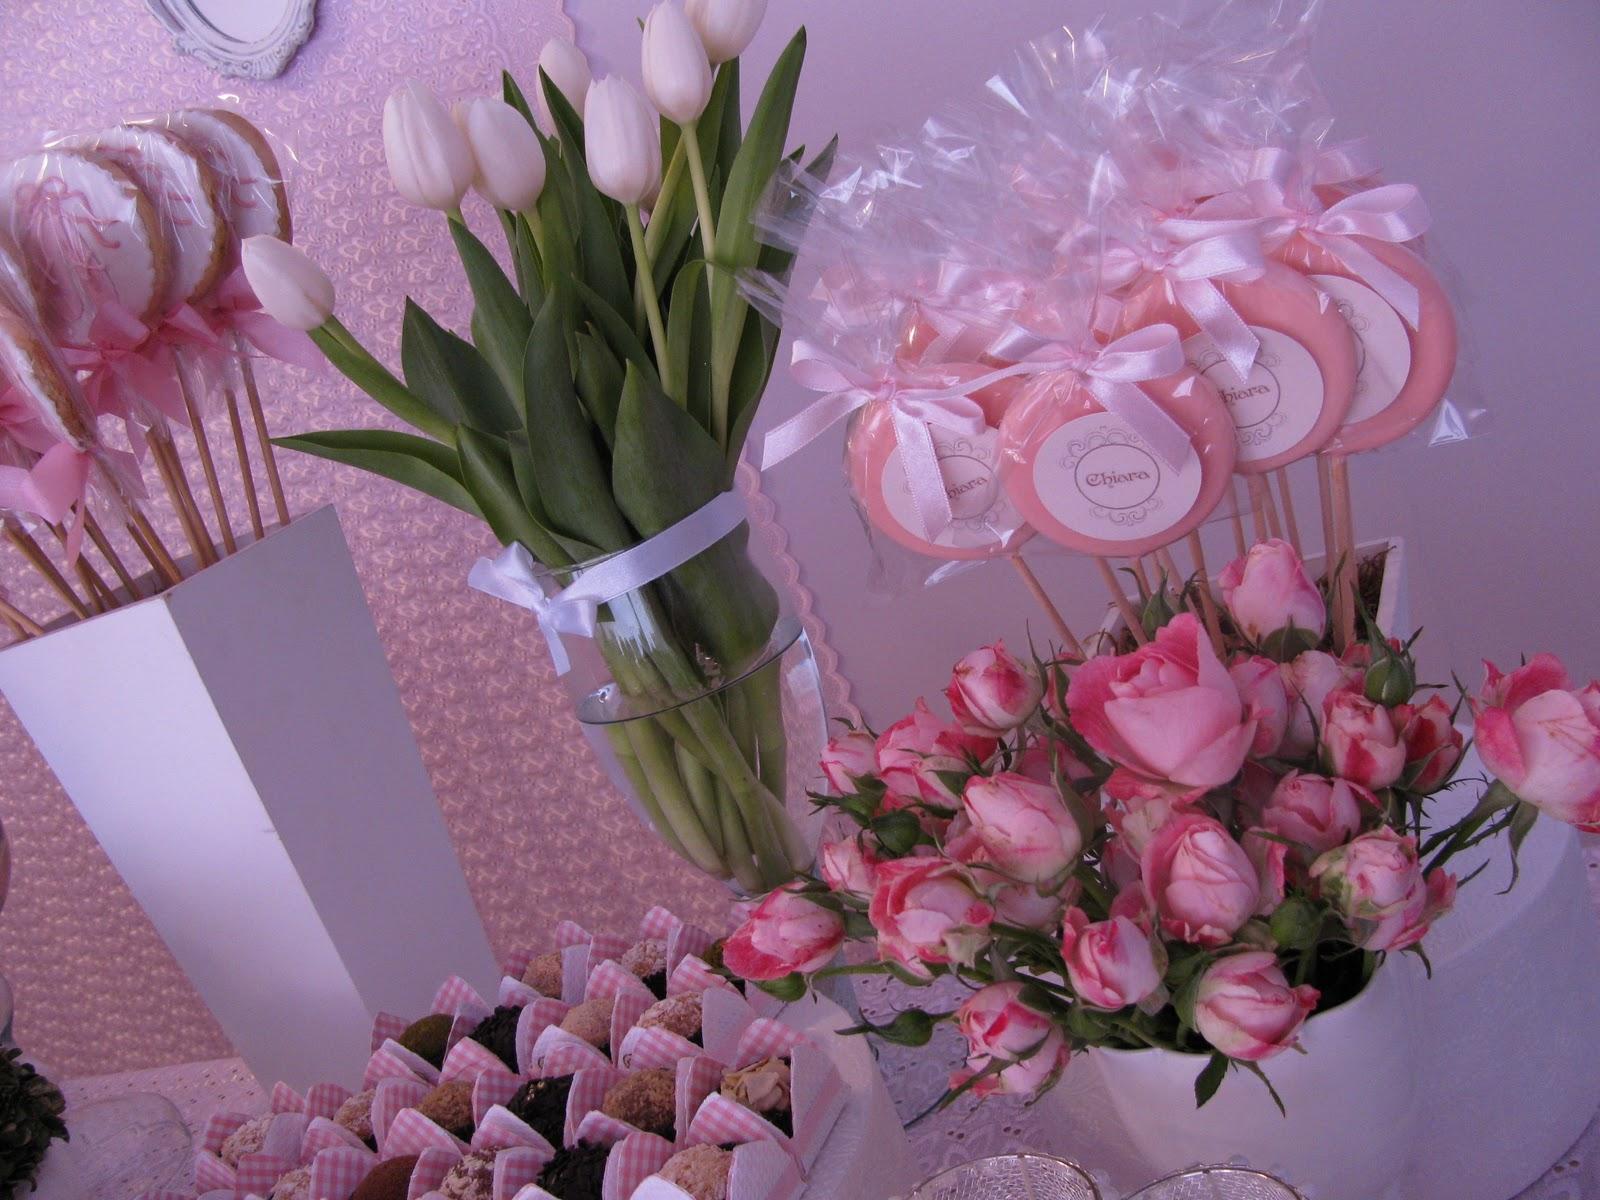 http://3.bp.blogspot.com/_M0wFBsO_rHs/TTmpAhKH62I/AAAAAAAAAn4/PNBy19Rl_fQ/s1600/IMG_6589.jpg